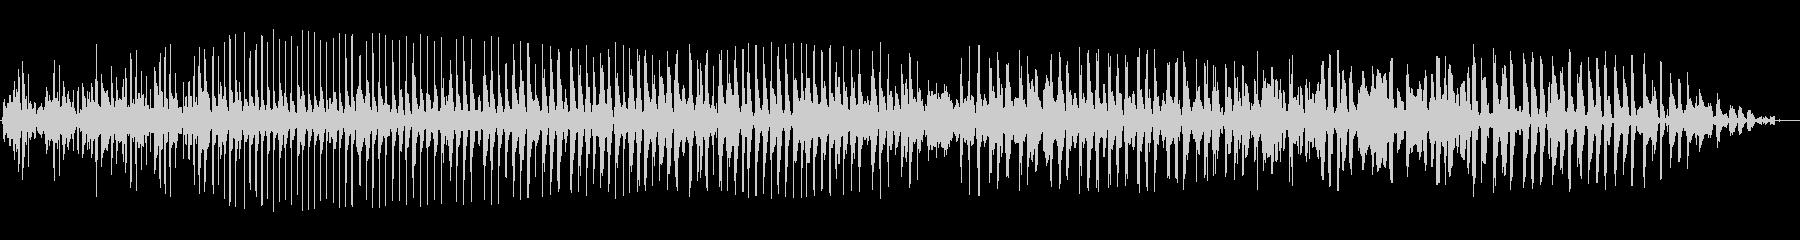 ブーン(低音の長めの効果音)の未再生の波形